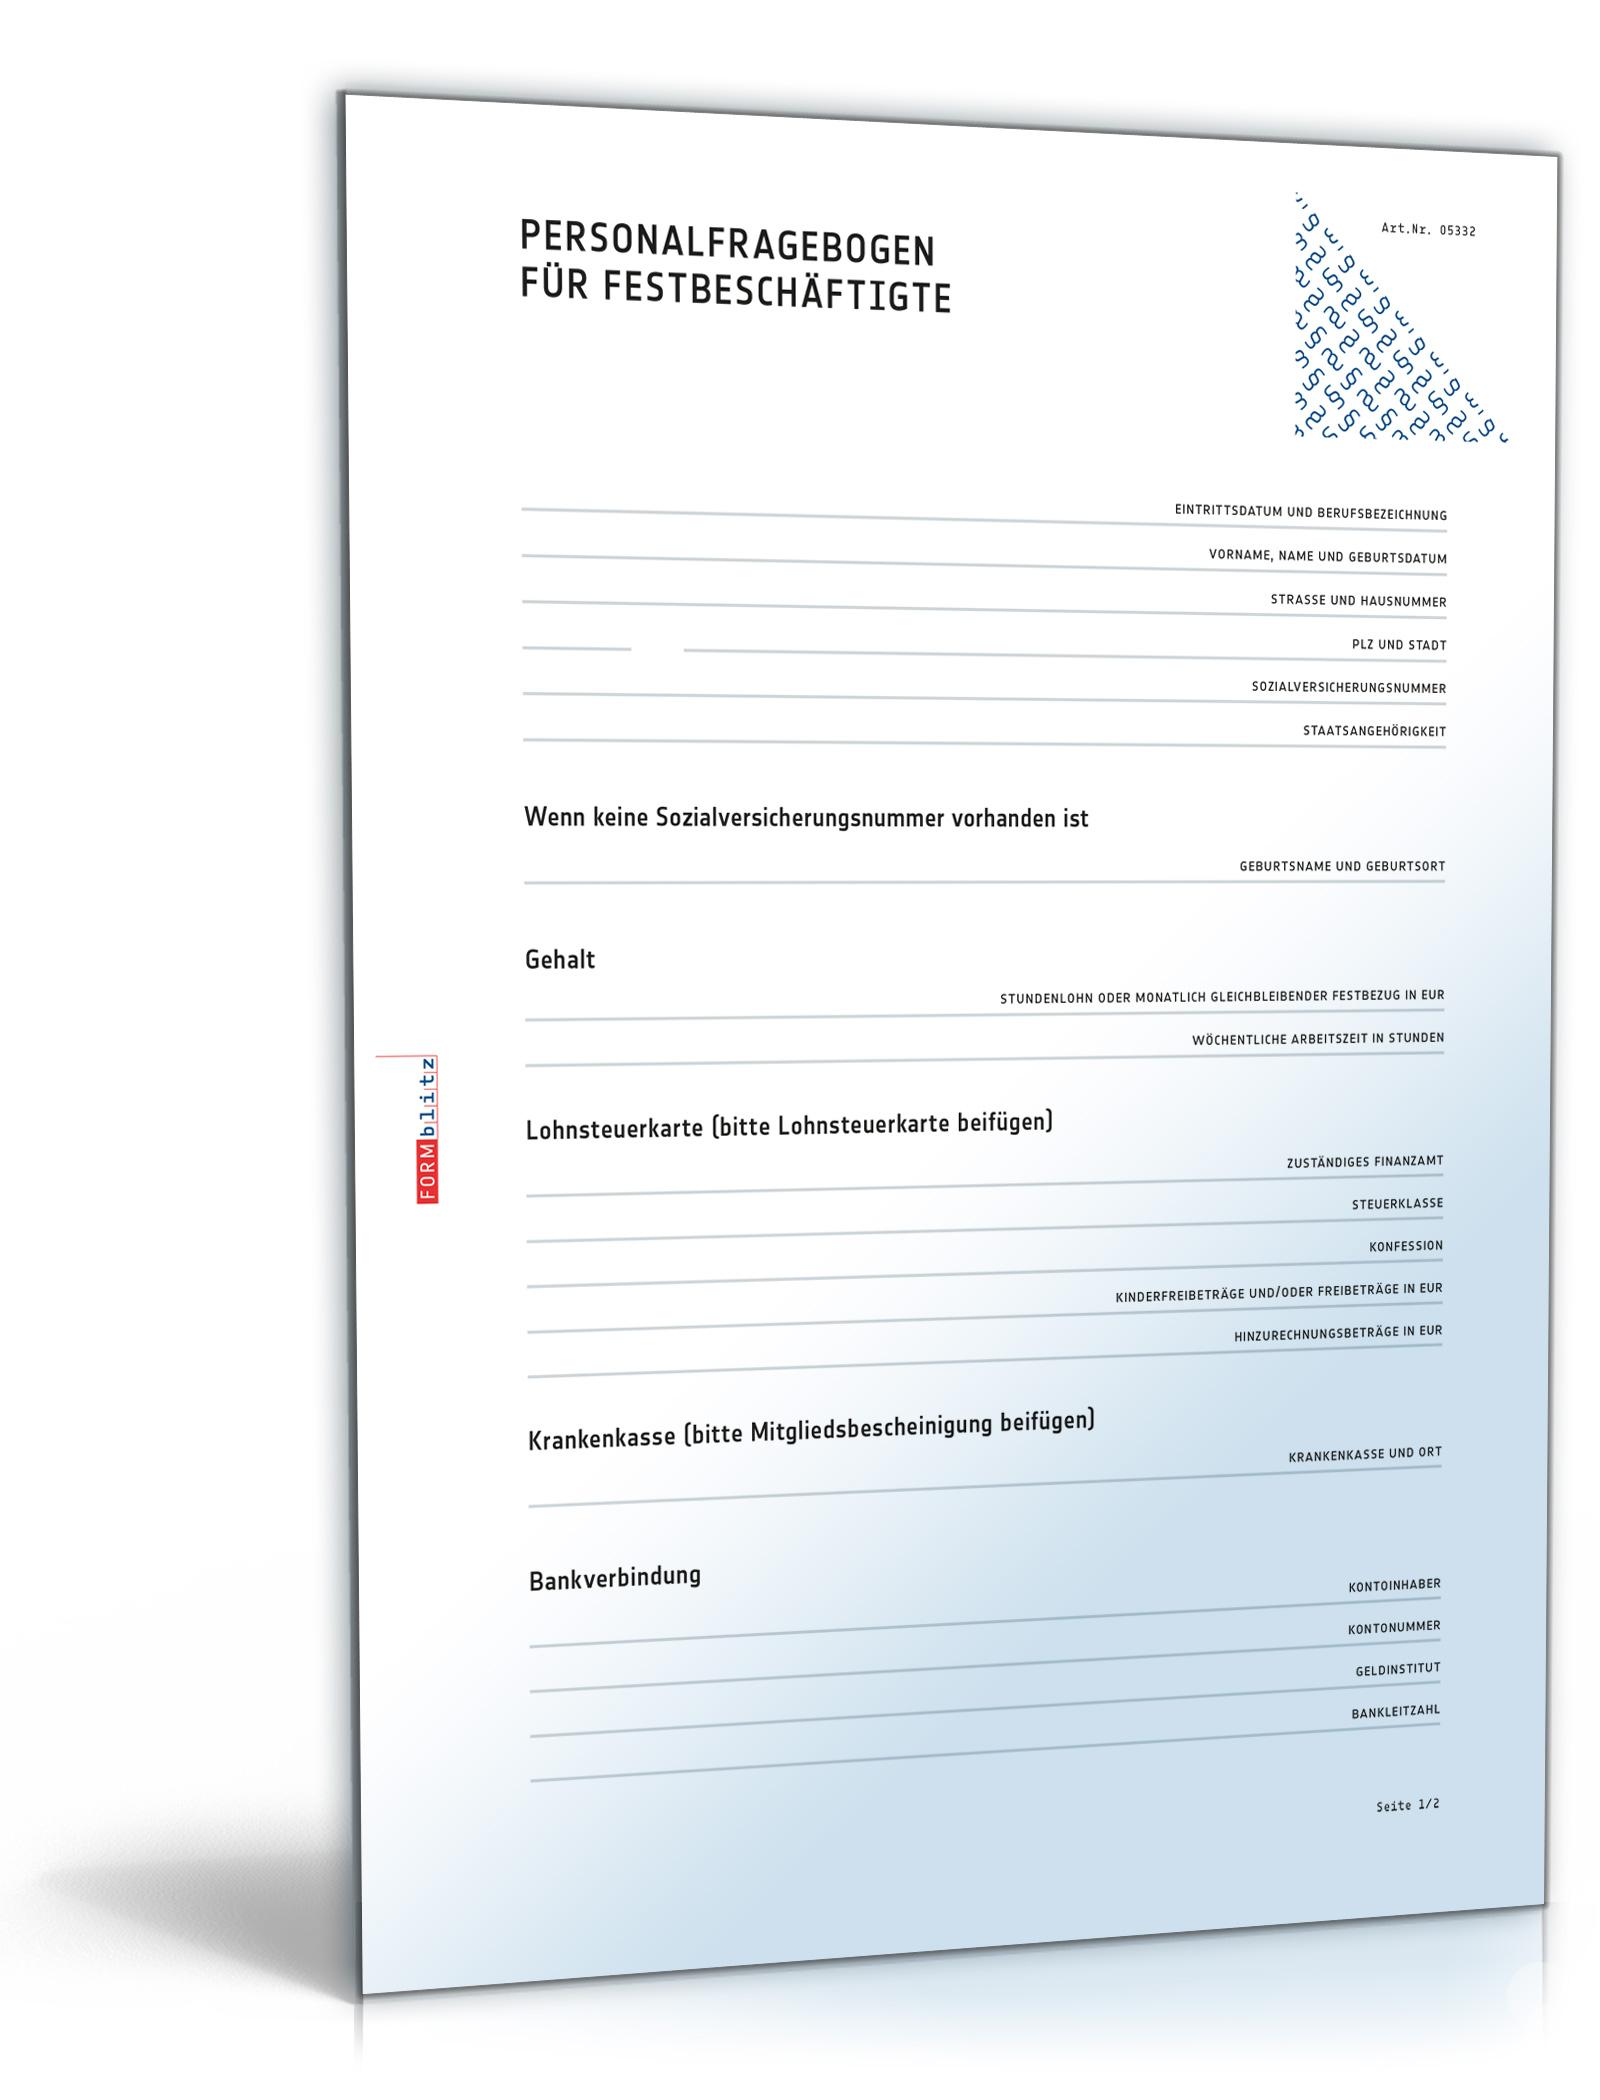 Personalfragebogen für Festbeschäftigte